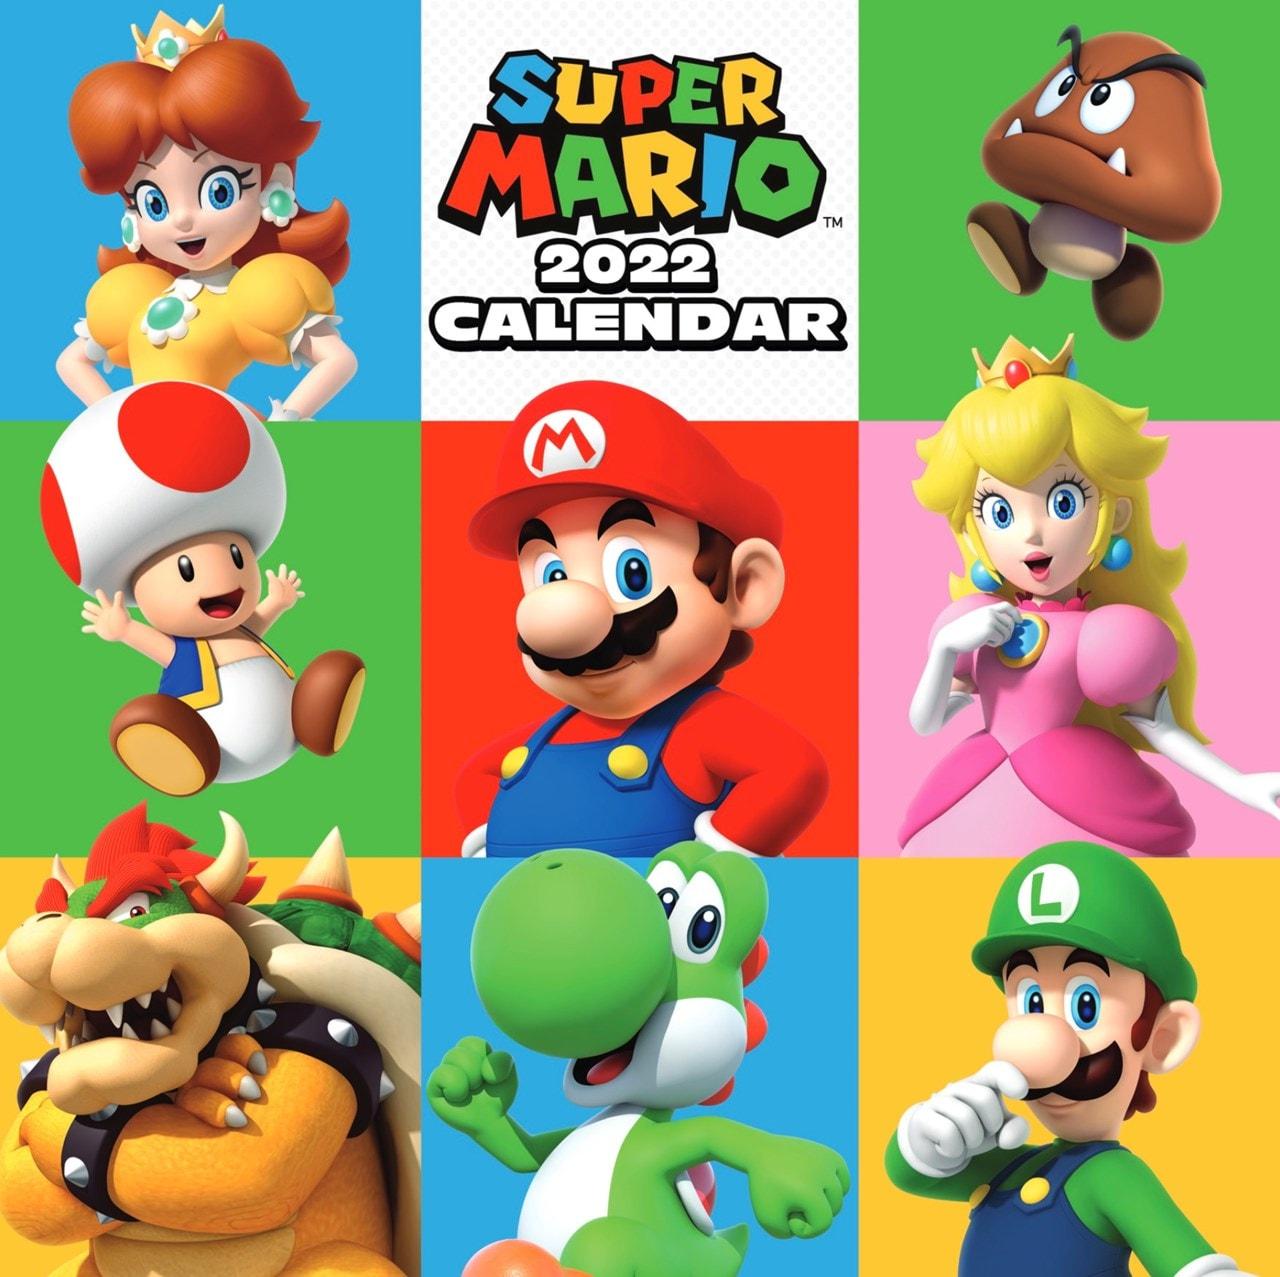 Super Mario: Square 2022 Calendar - 1